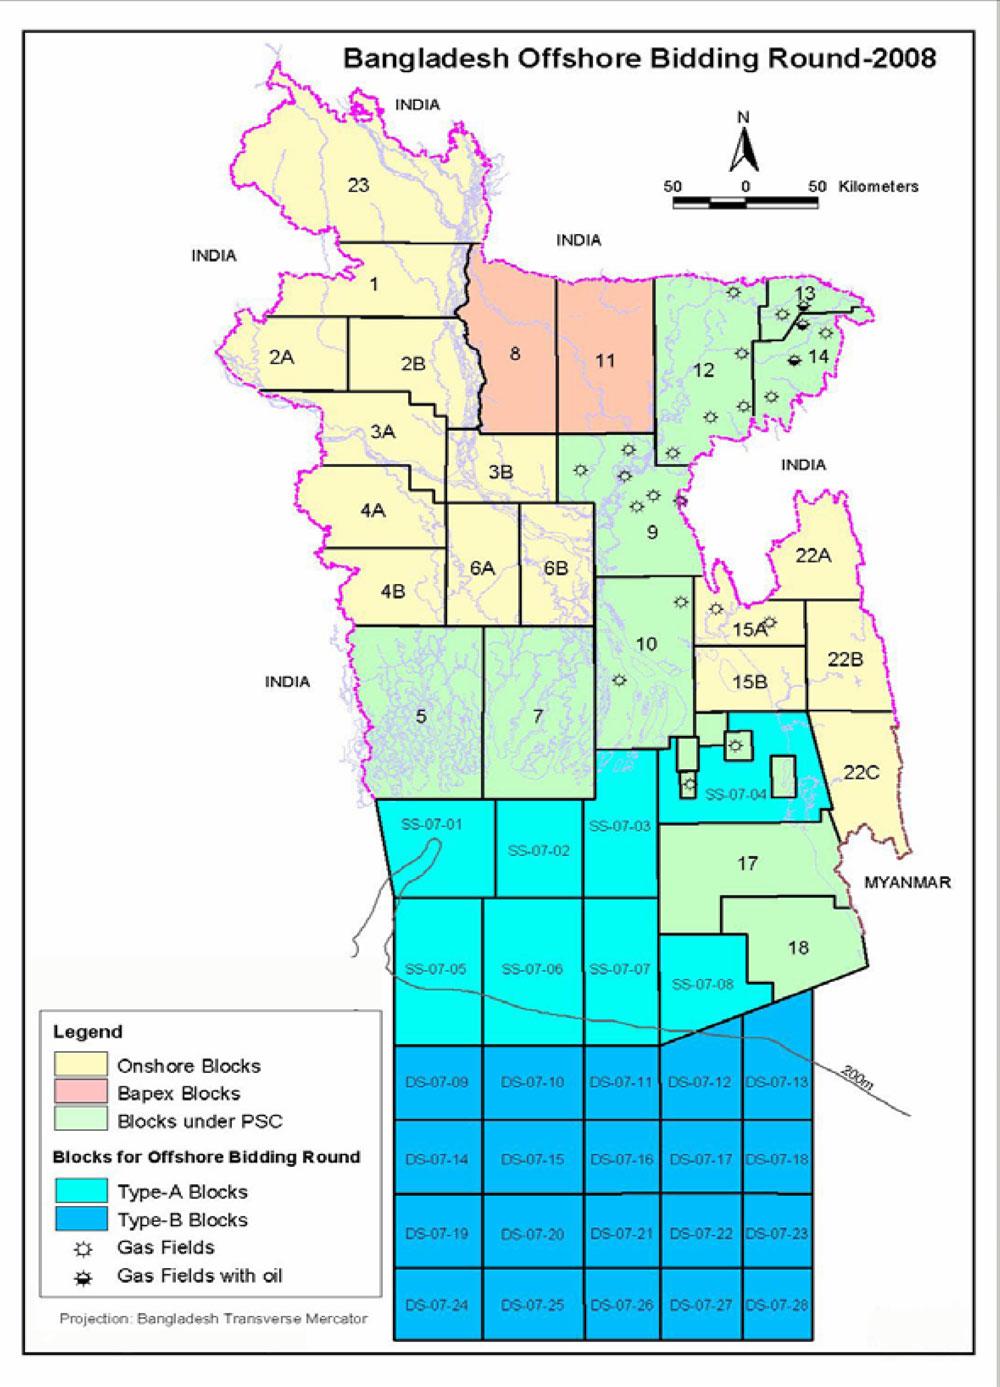 Gas Blocks Map Bangladesh (2008)